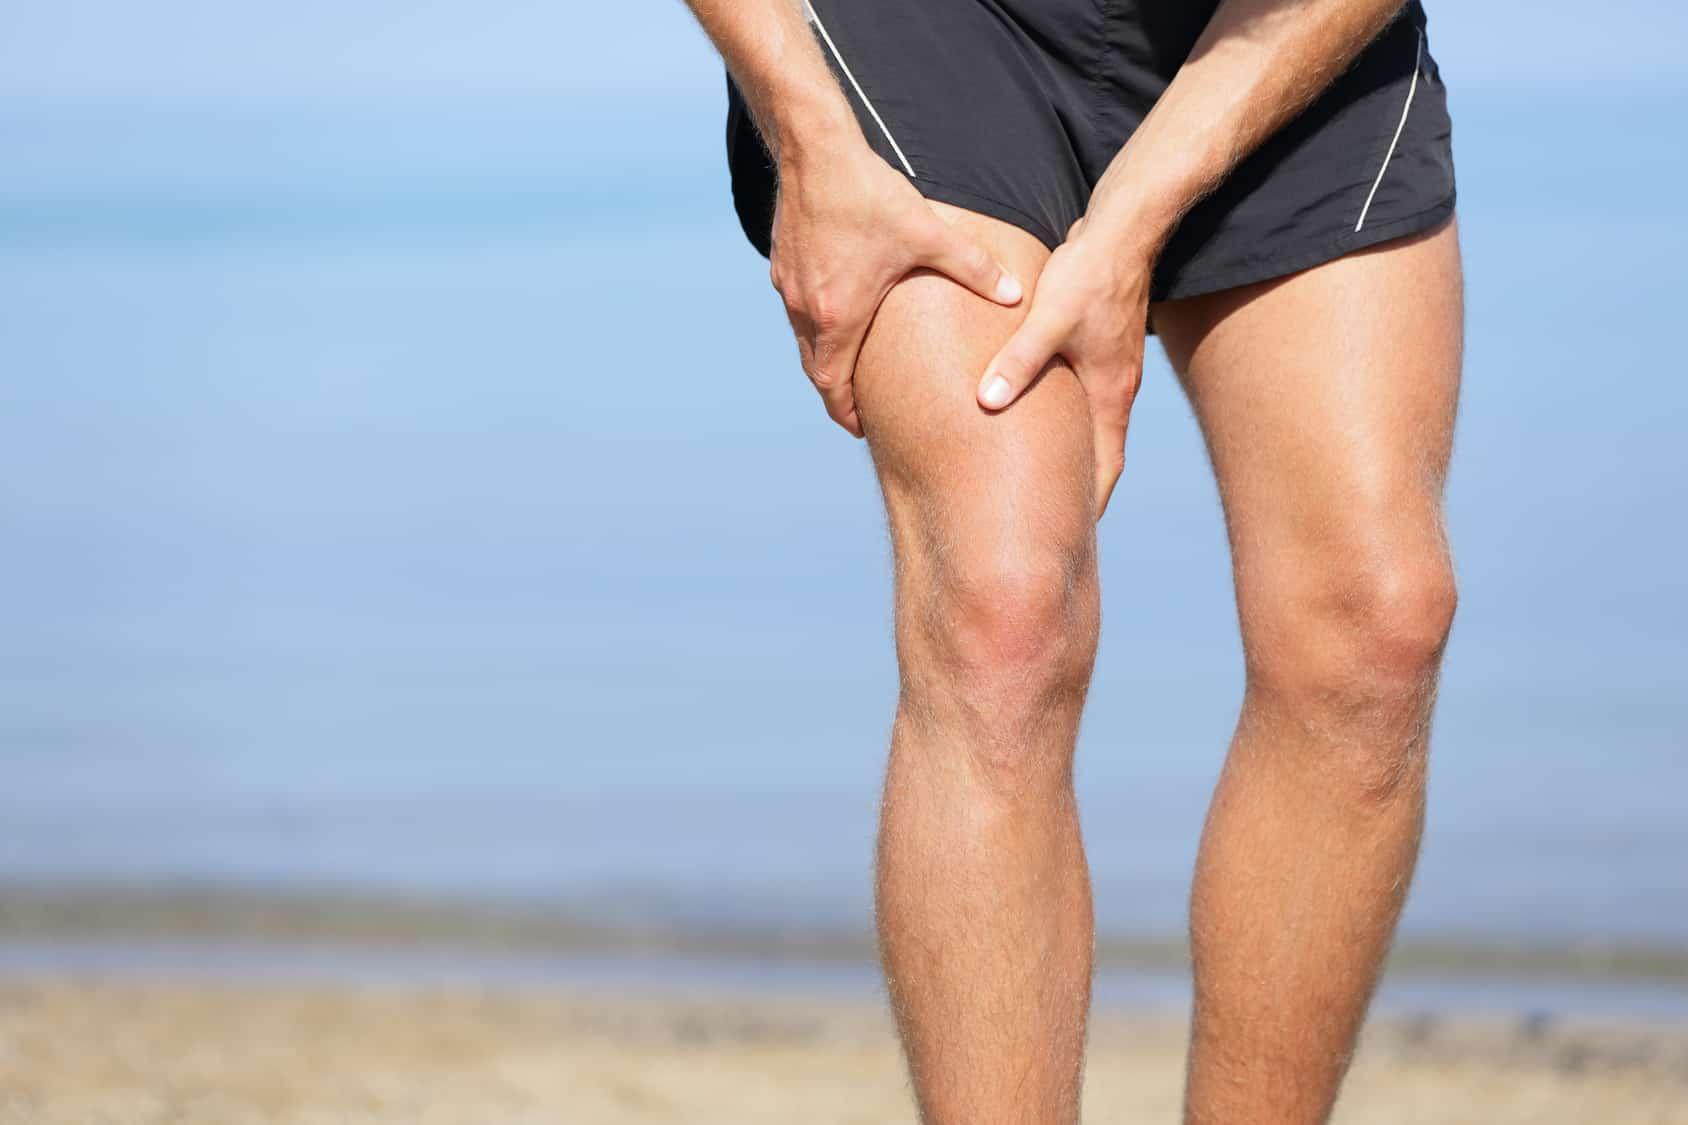 Übersäuerung der Muskeln (Azidose) | Symptome & Behandlung